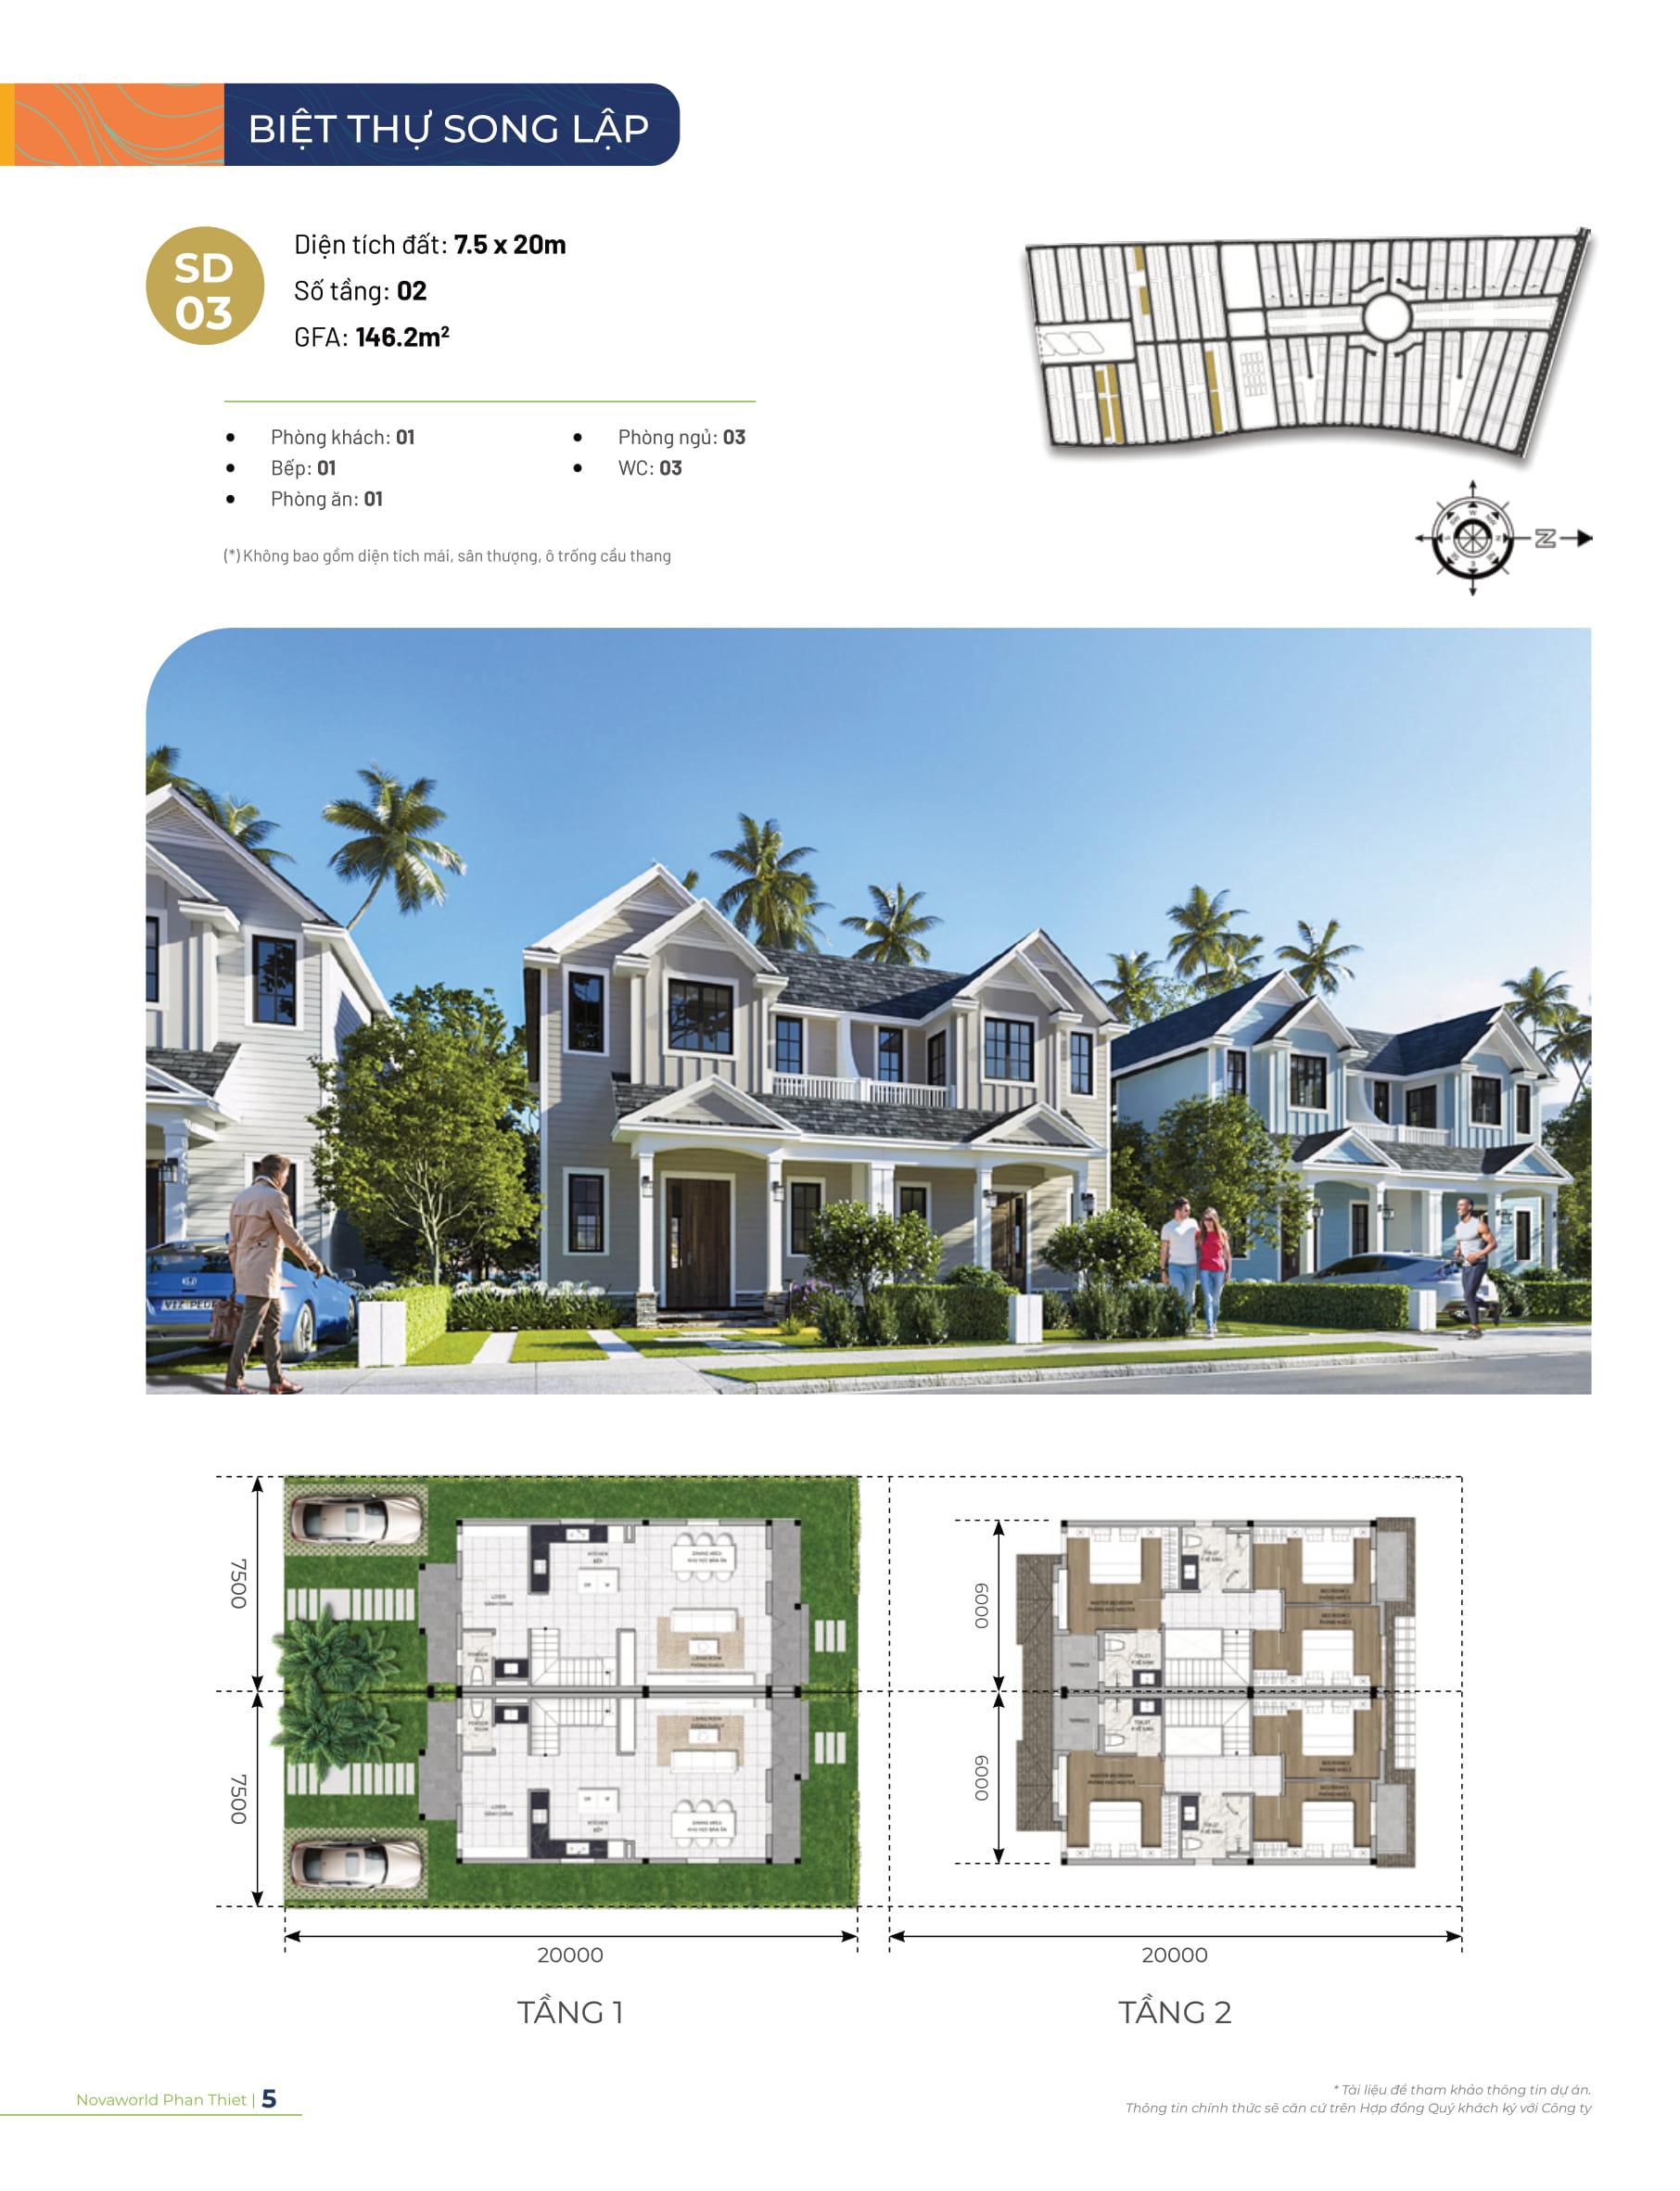 mb-nwp-plans-4b-210820-04